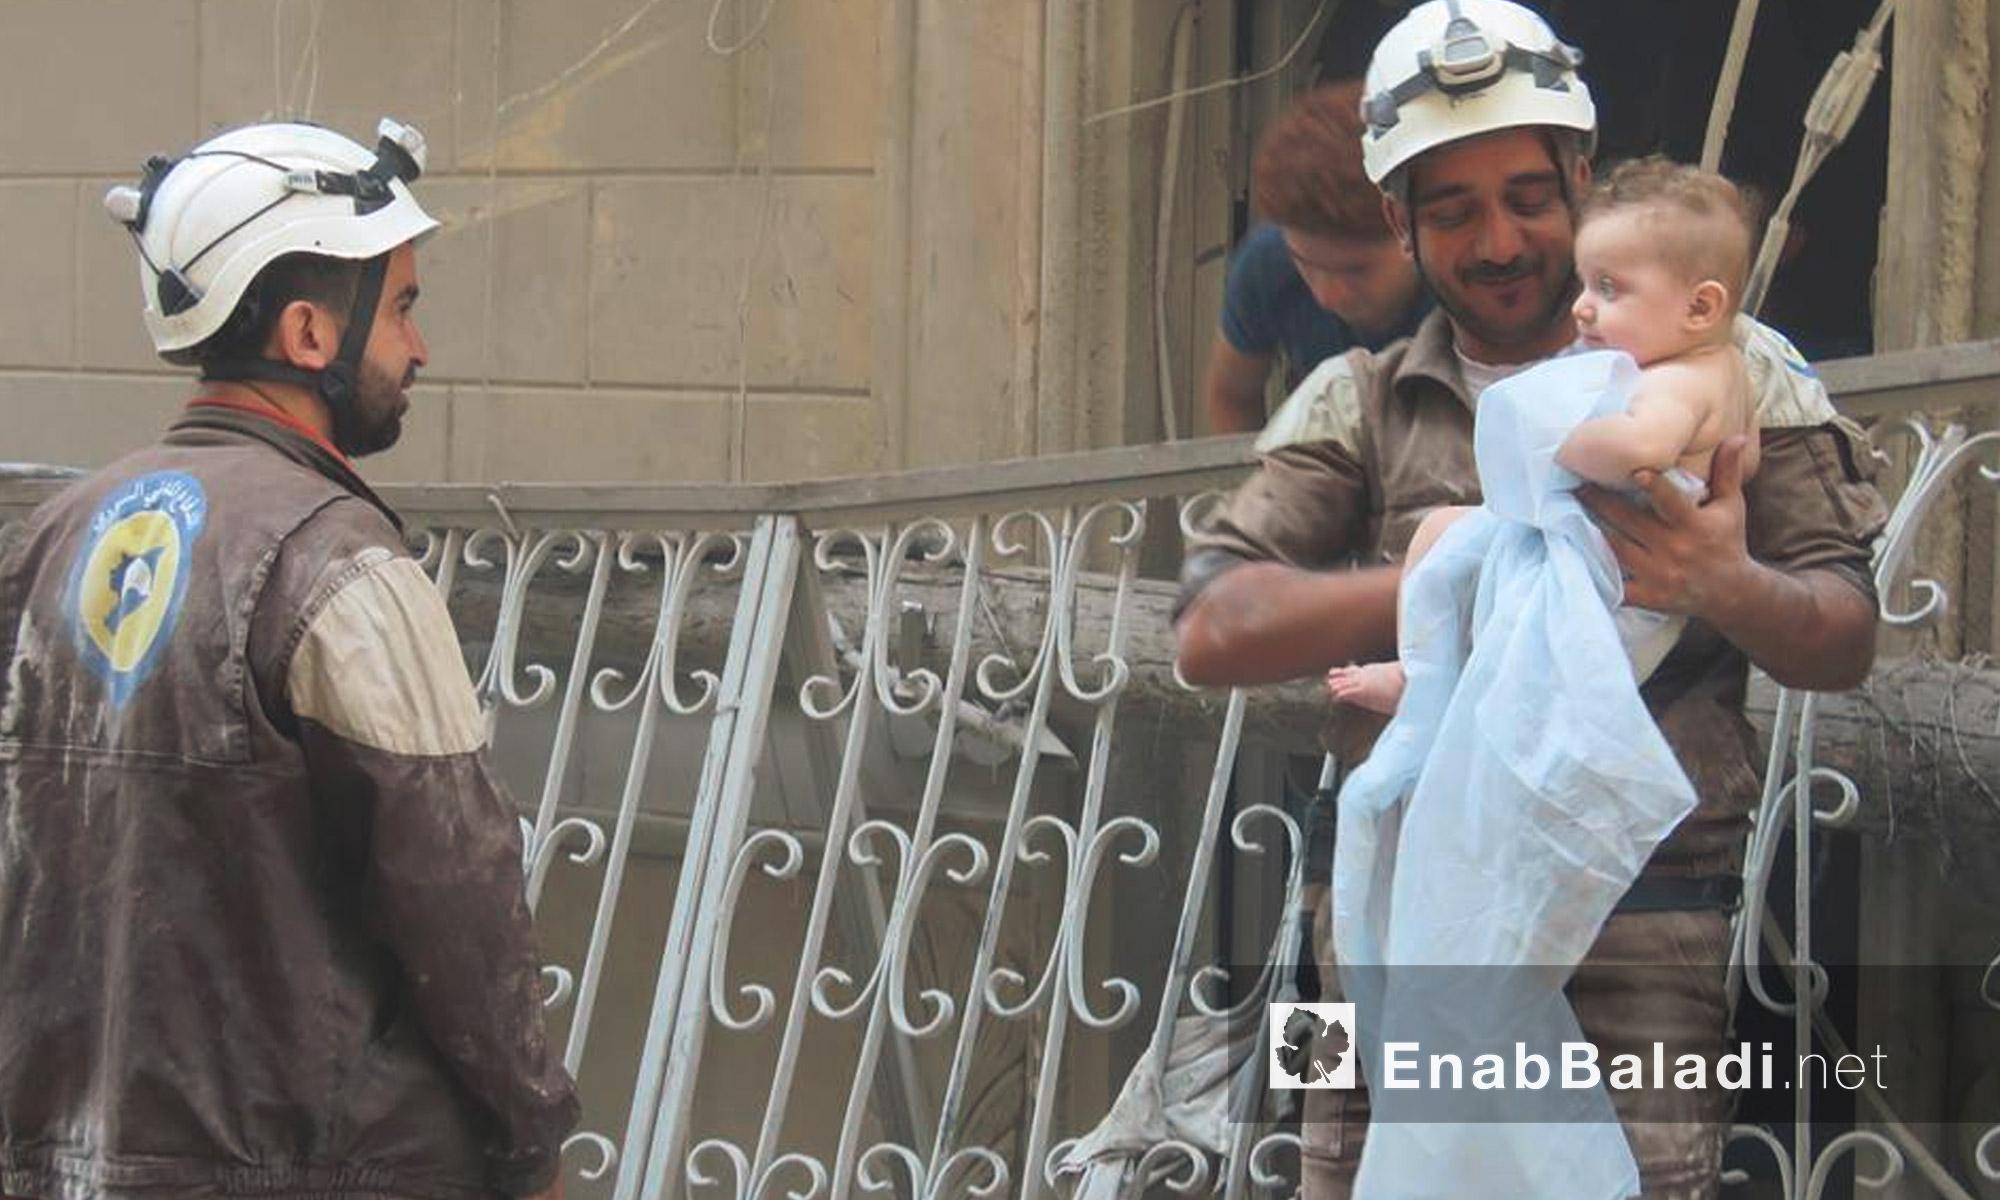 الدفاع المدني ينتشل طفلًا على قيد الحياة من تحت أنقاض القصف على حي السكري في حلب - الاثنين 5 أيلول (عنب بلدي)